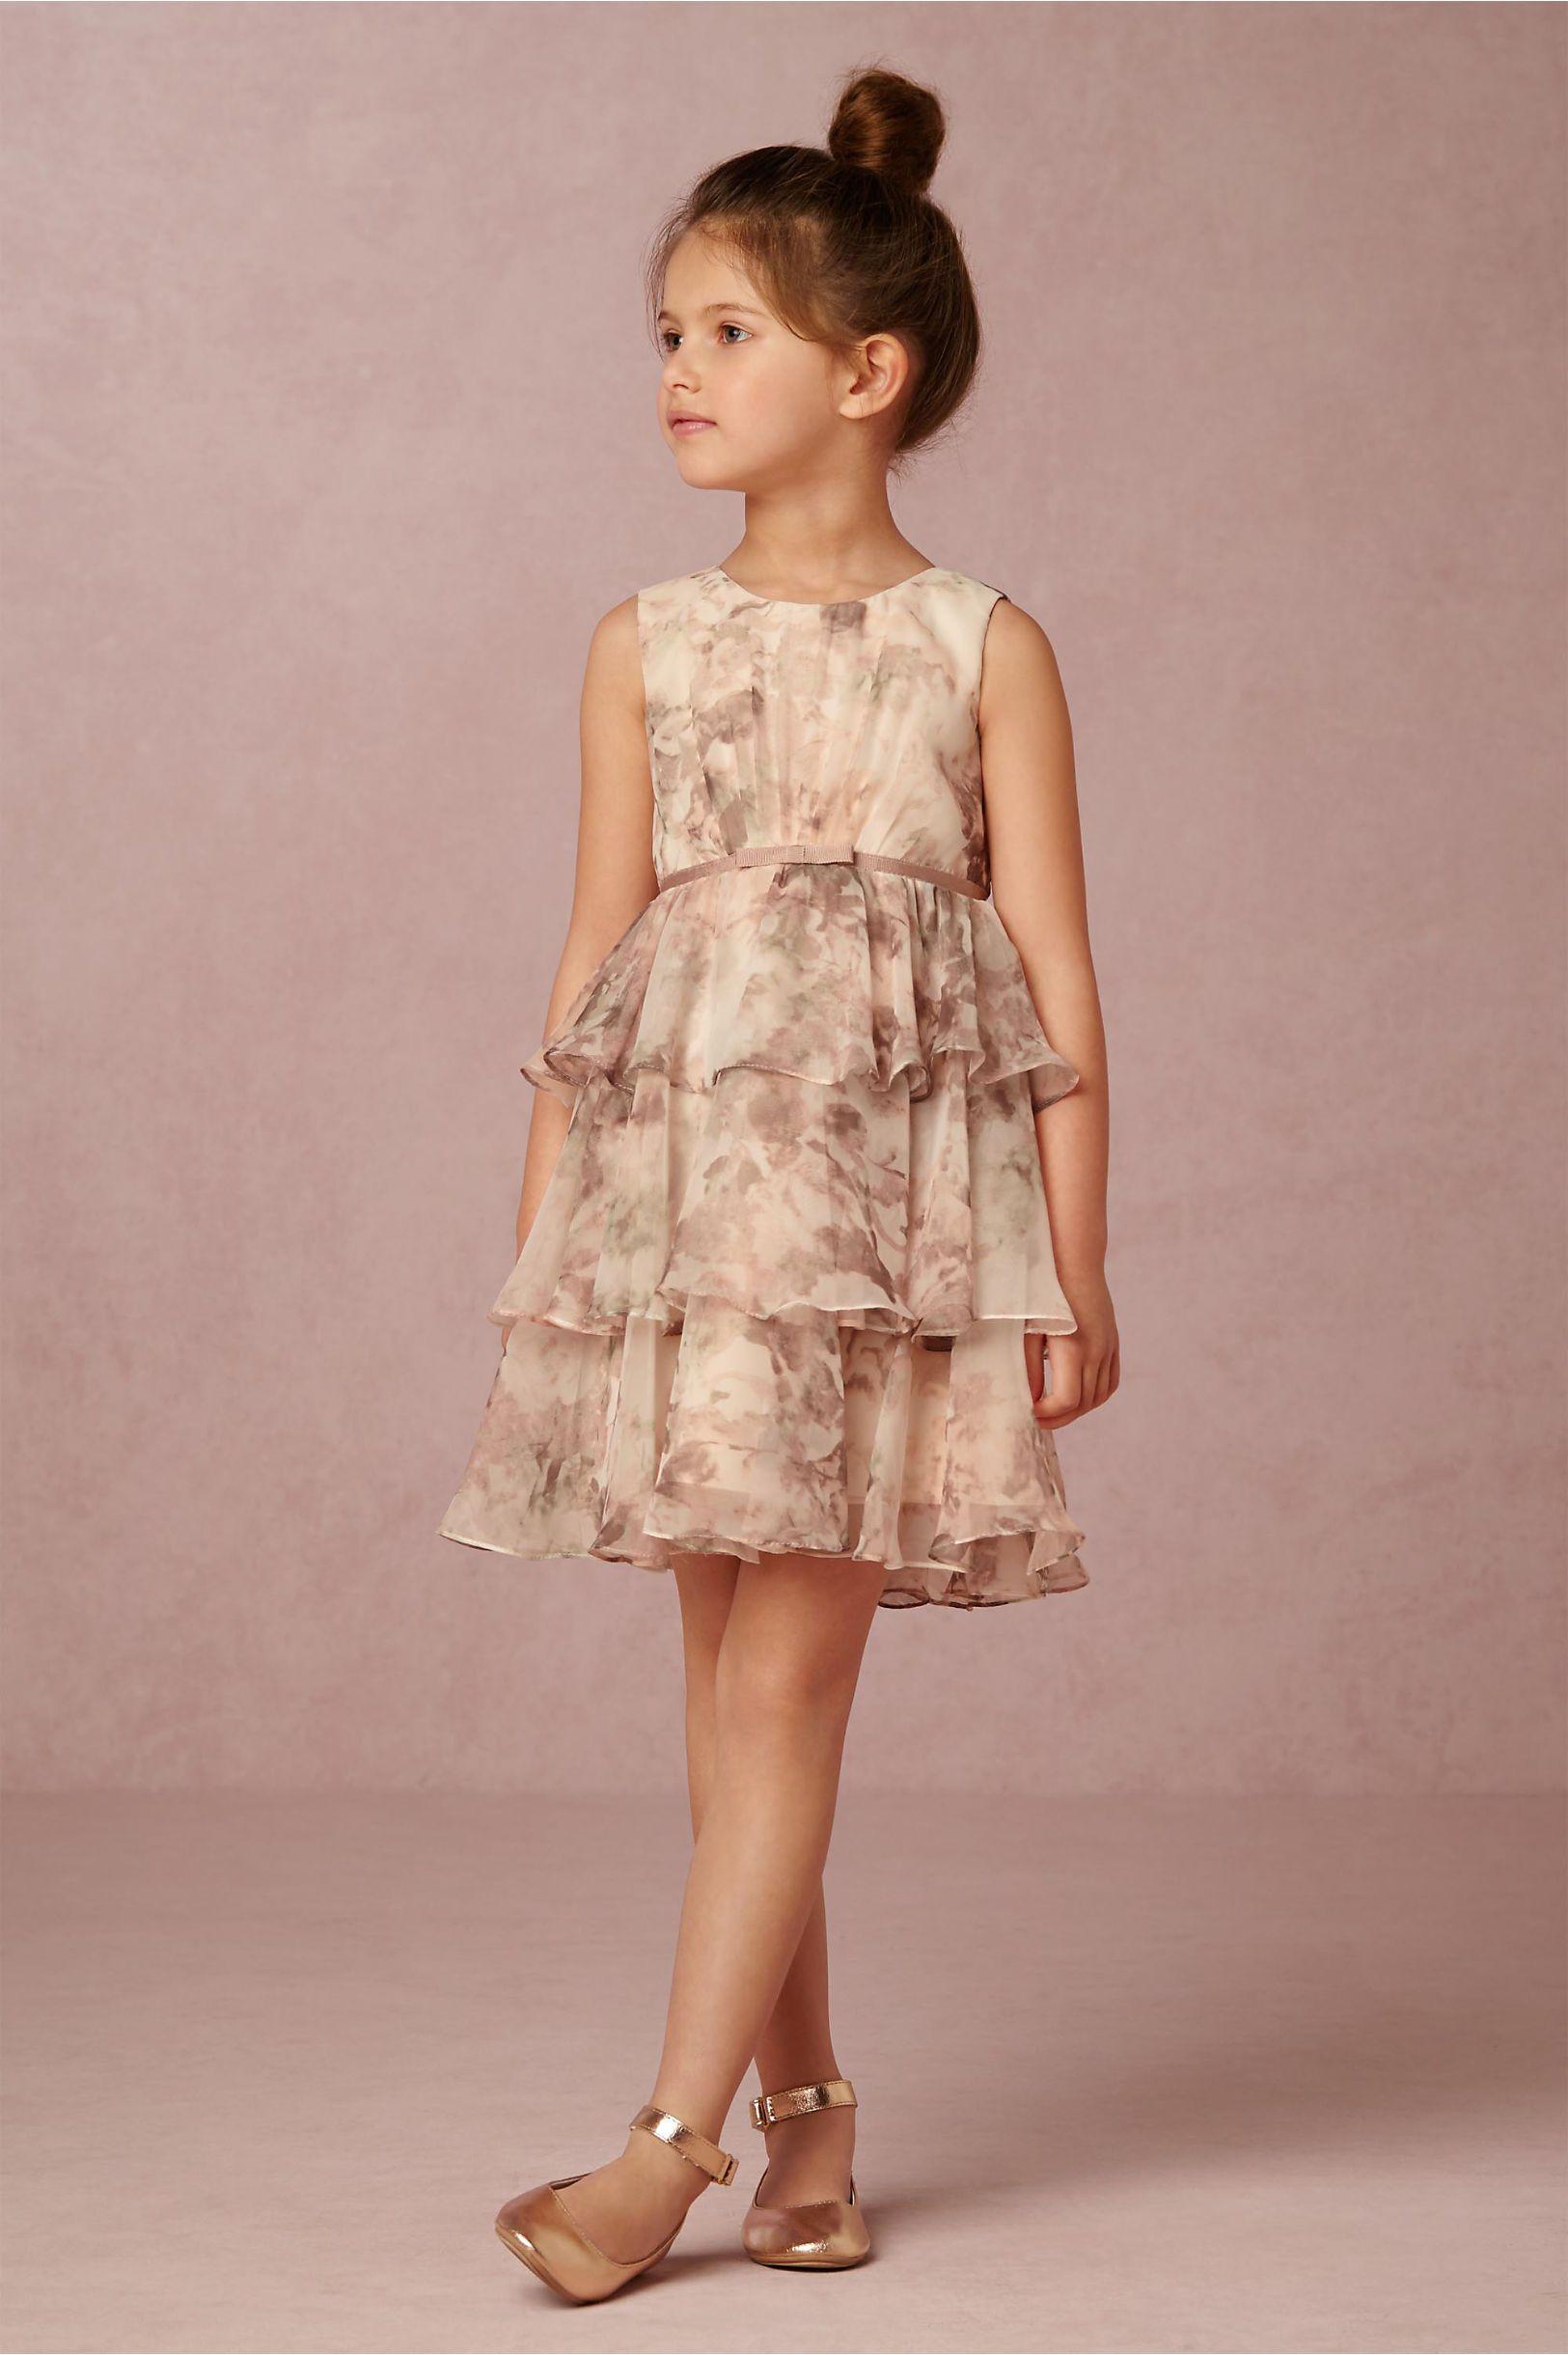 BHLDN Phoebe Dress in Sale | BHLDN | FLOWER GIRL DRESSES | Pinterest